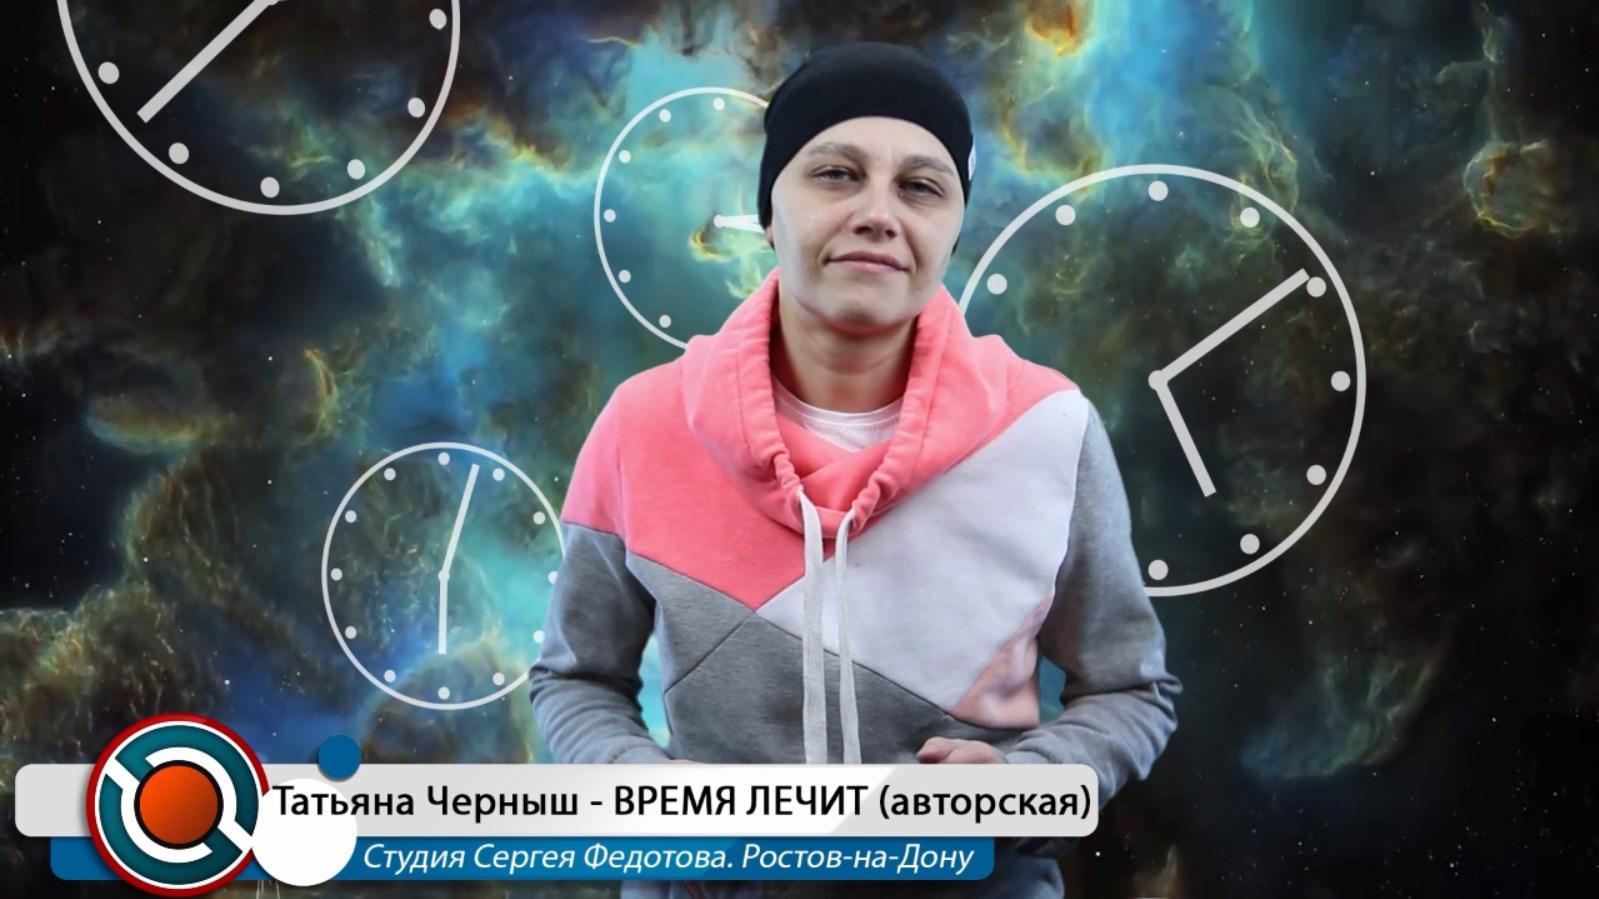 ВРЕМЯ ЛЕЧИТ. Премьера песни